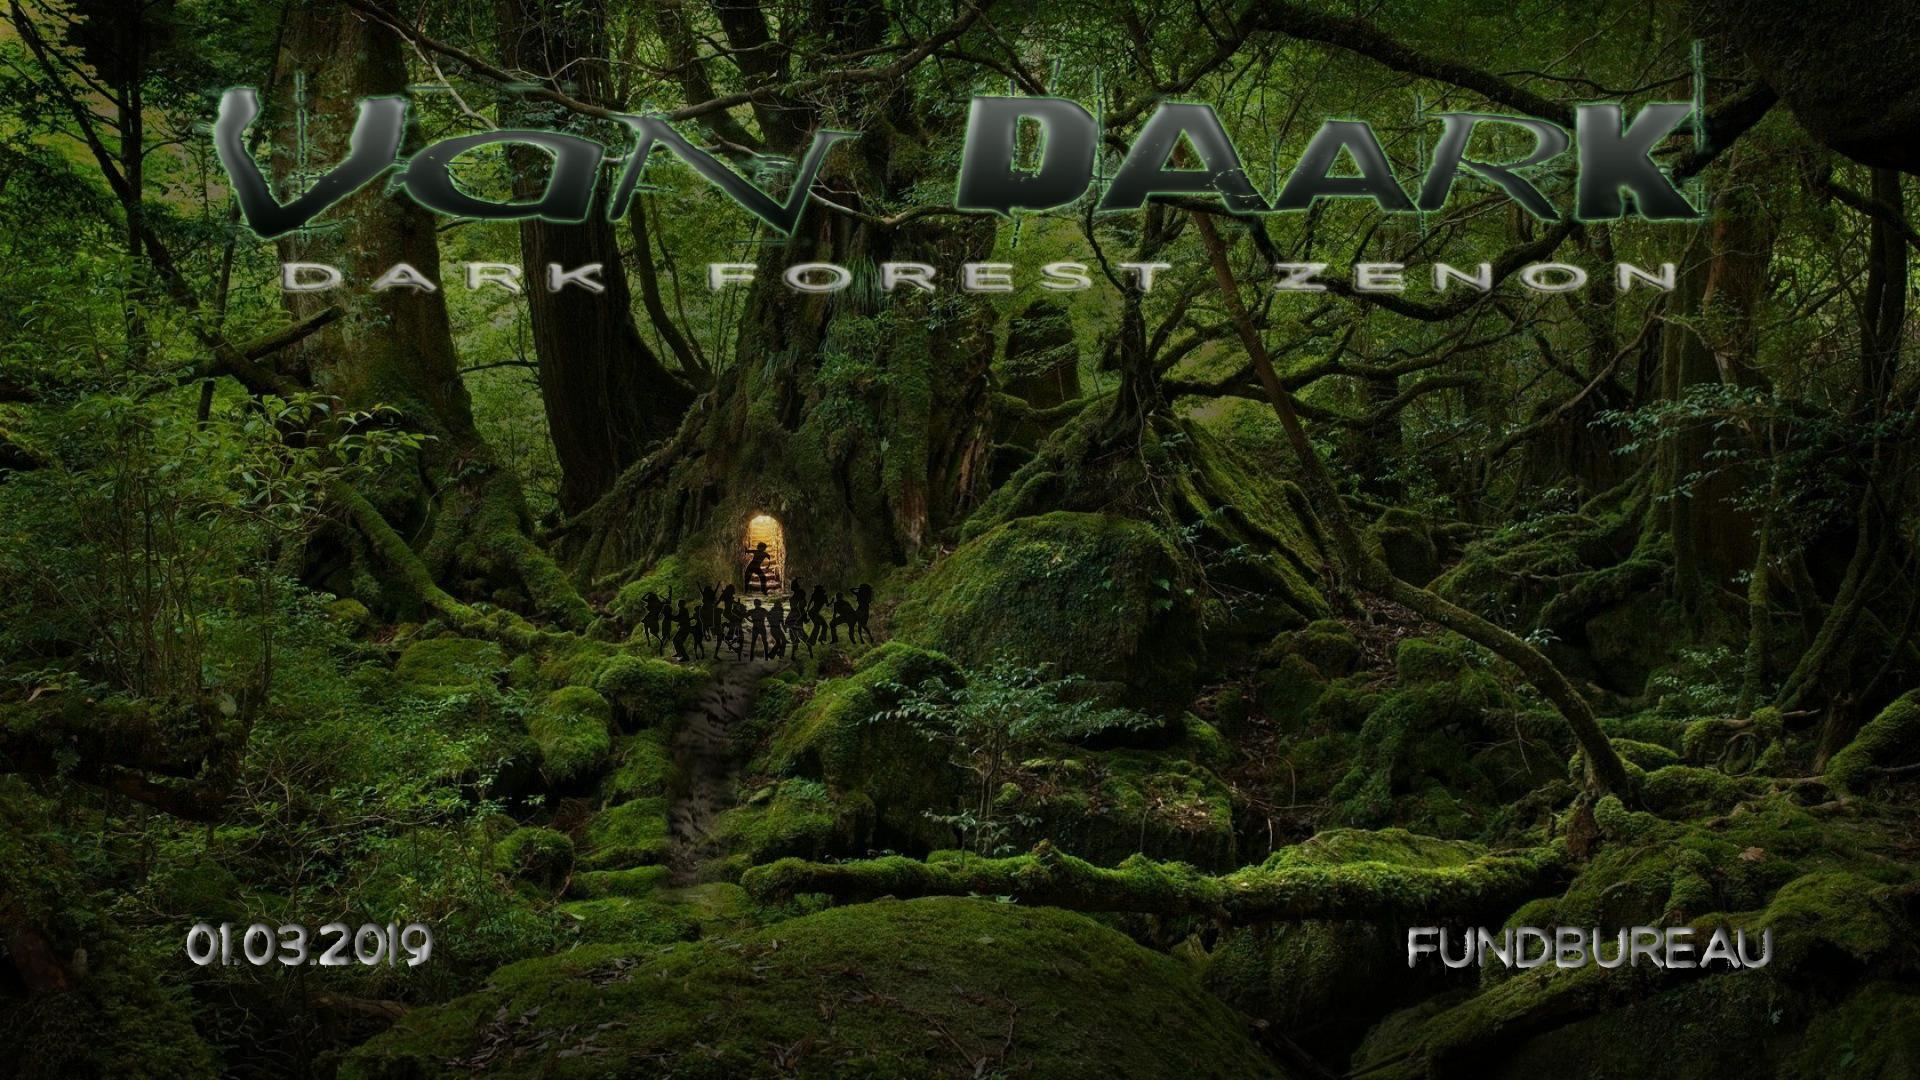 Van Daark - Hamburg wird Forest!